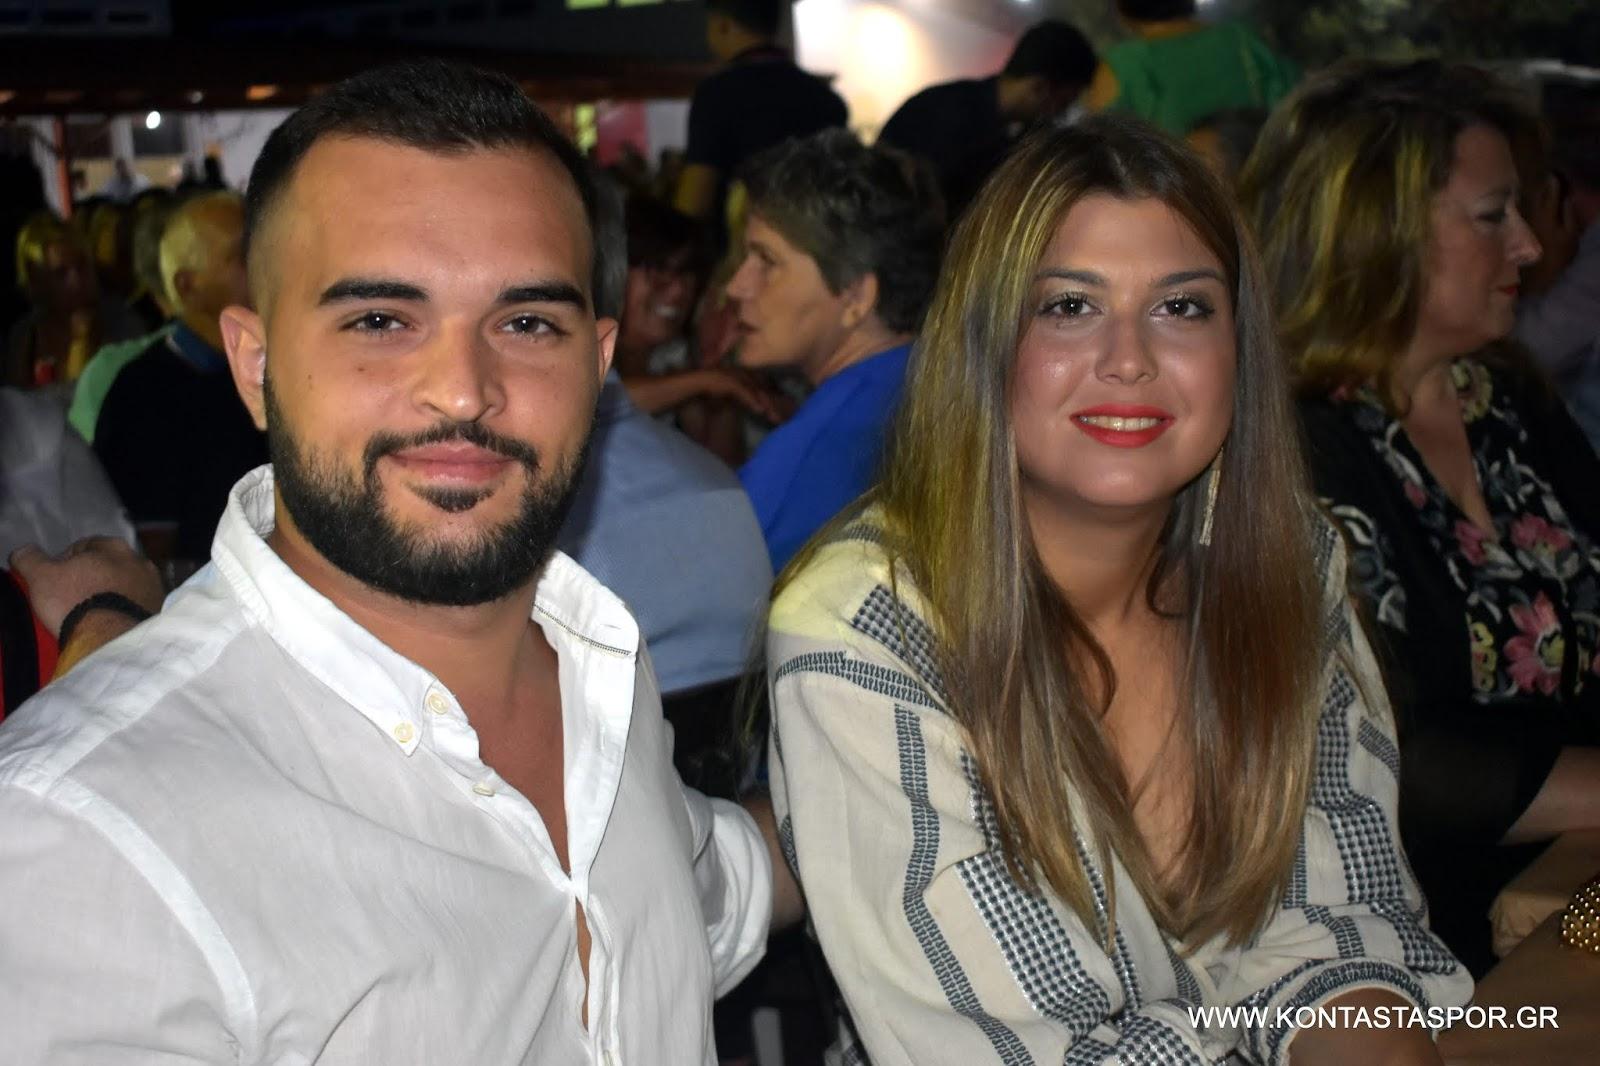 Με επιτυχία η λαική βραδιά  Αδαμαντίδη στα Ψαχνά (φωτογραφίες) 1 DSC 0016